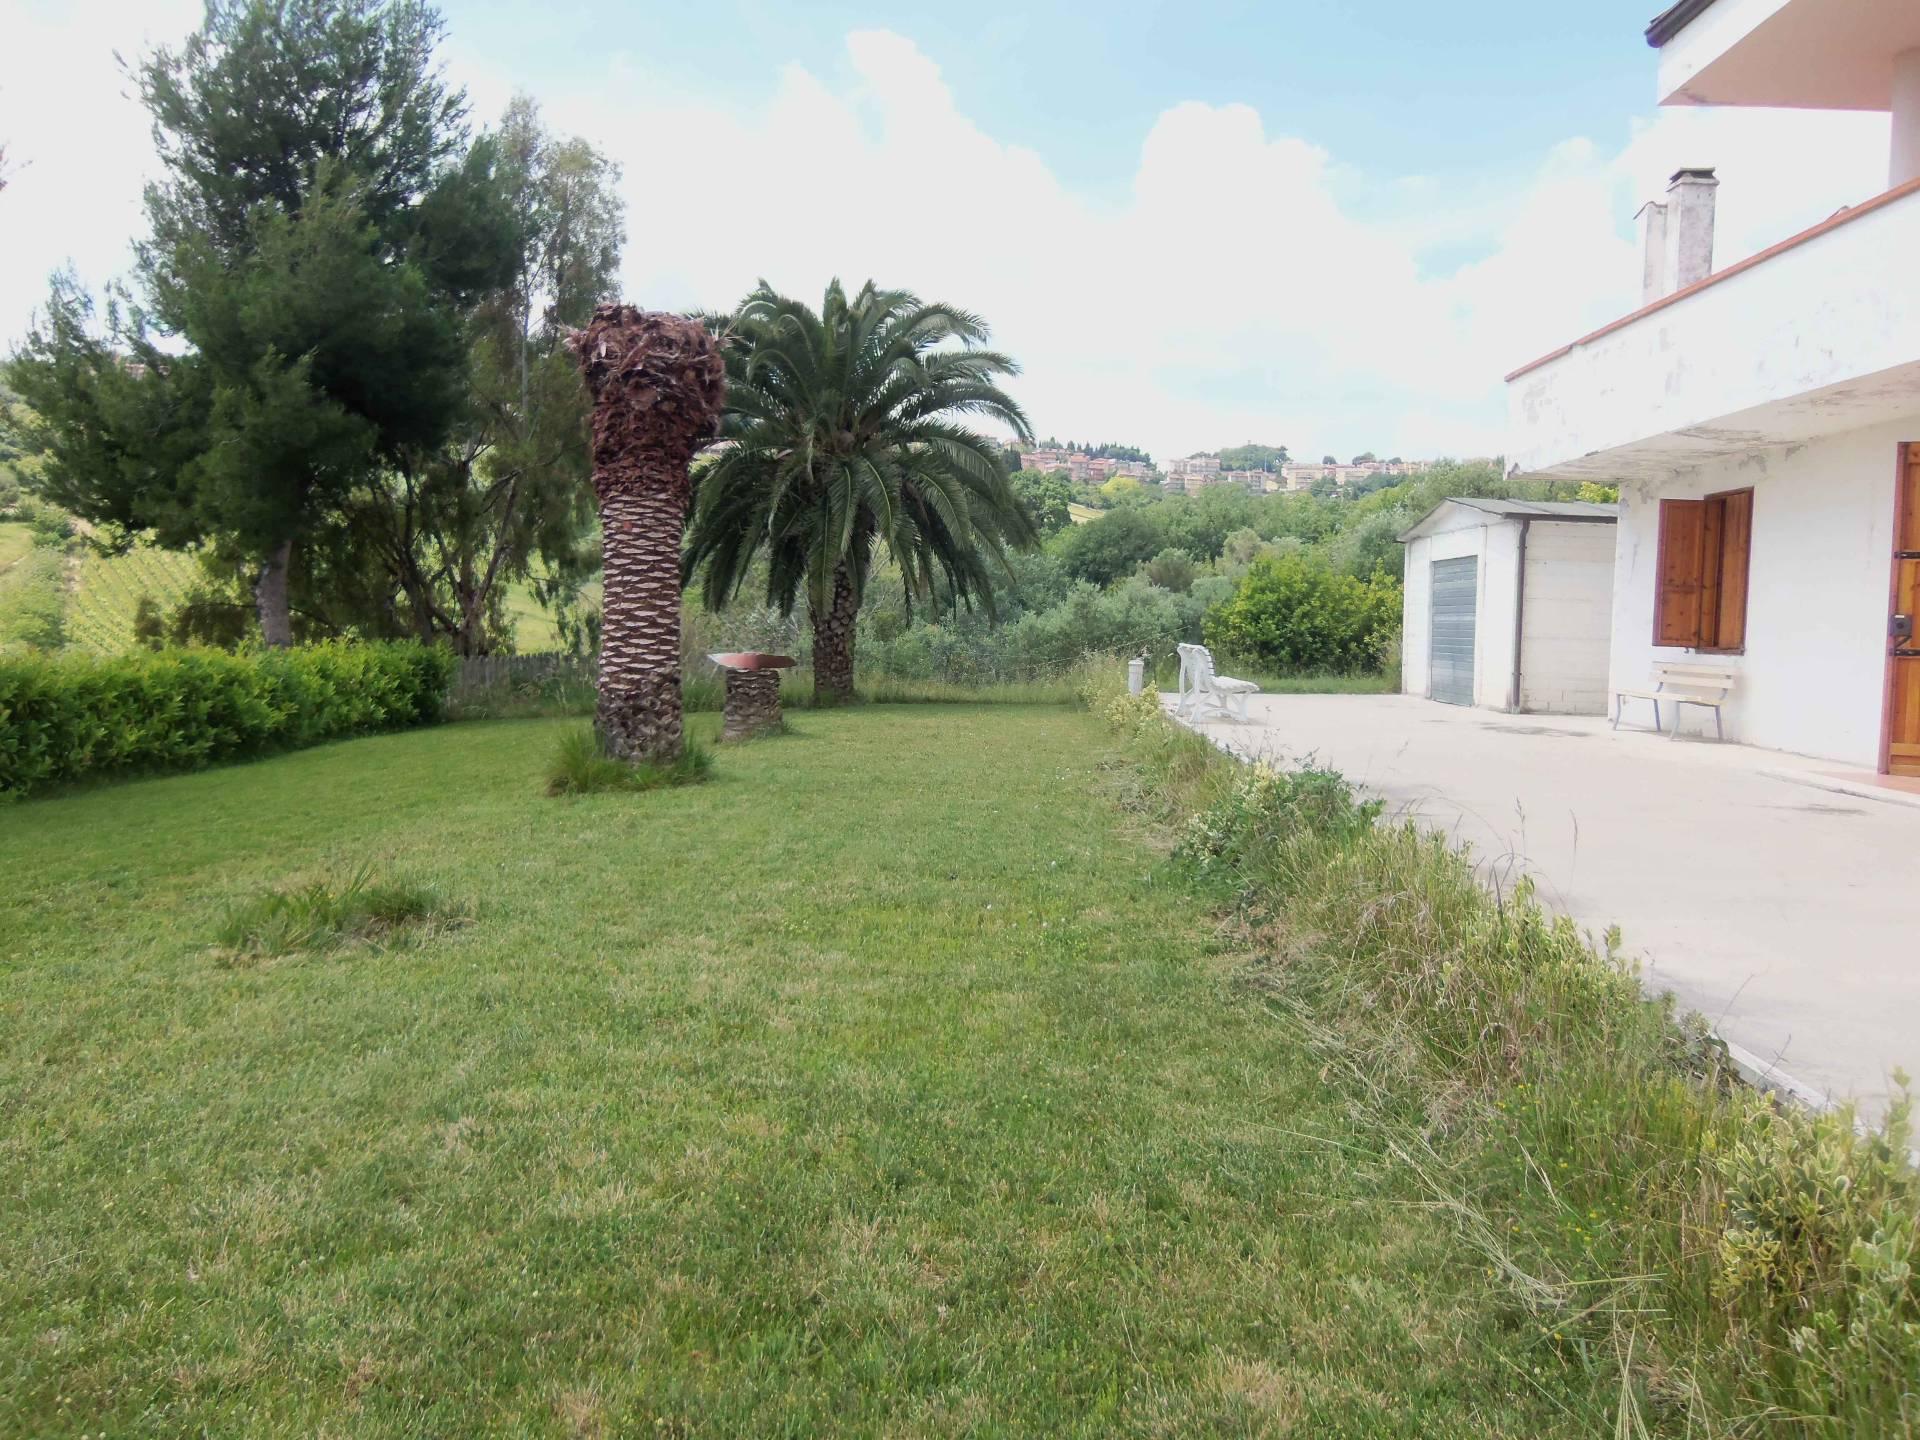 Rustico / Casale in vendita a Acquaviva Picena, 7 locali, zona Località: Panoramica, prezzo € 270.000 | Cambio Casa.it